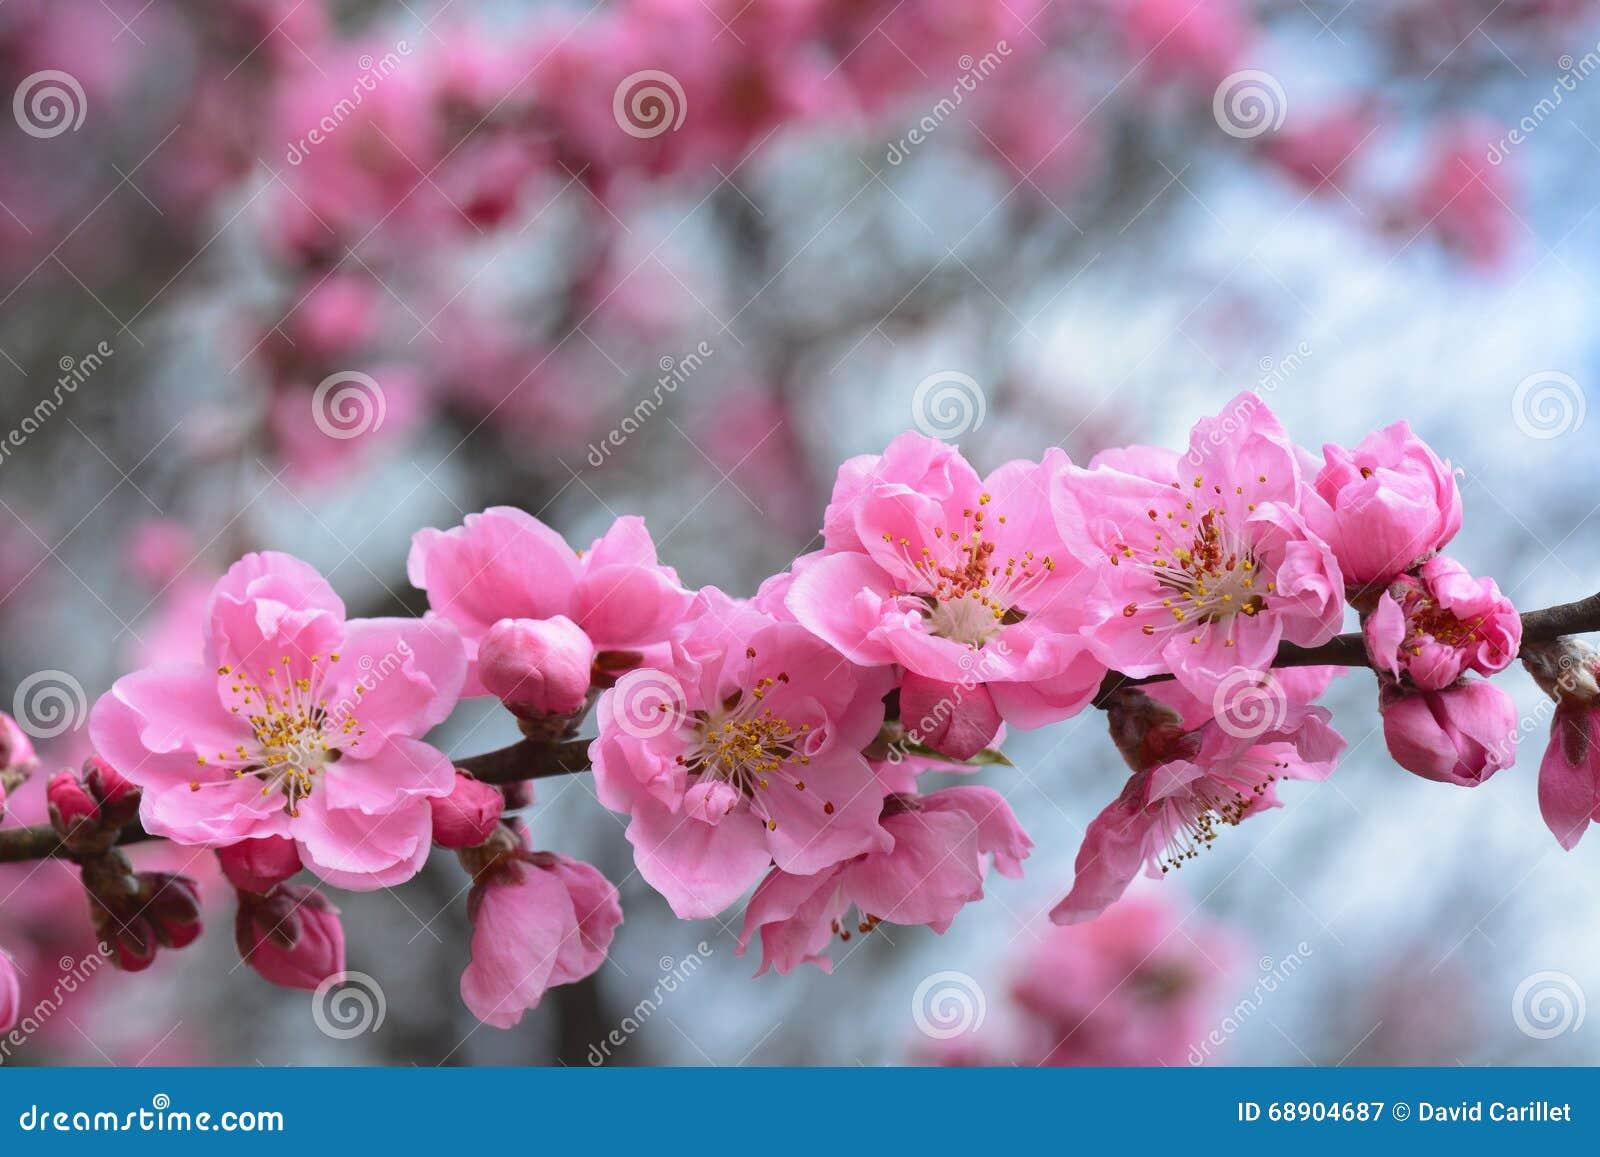 Arbre du japon fleur rose id e d 39 image de fleur - Arbre rose japon ...